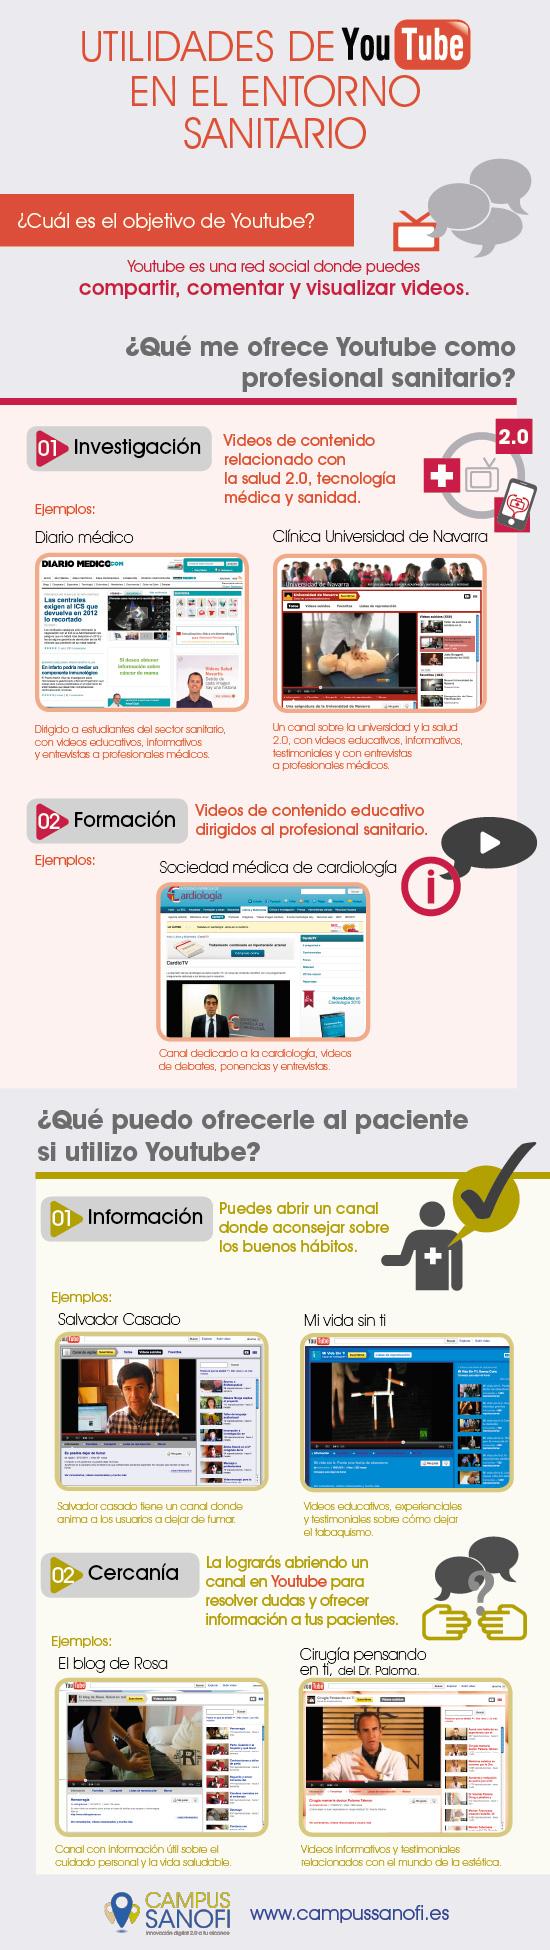 Uso de Youtube en Salud (Infografía) | Campus Sanofi